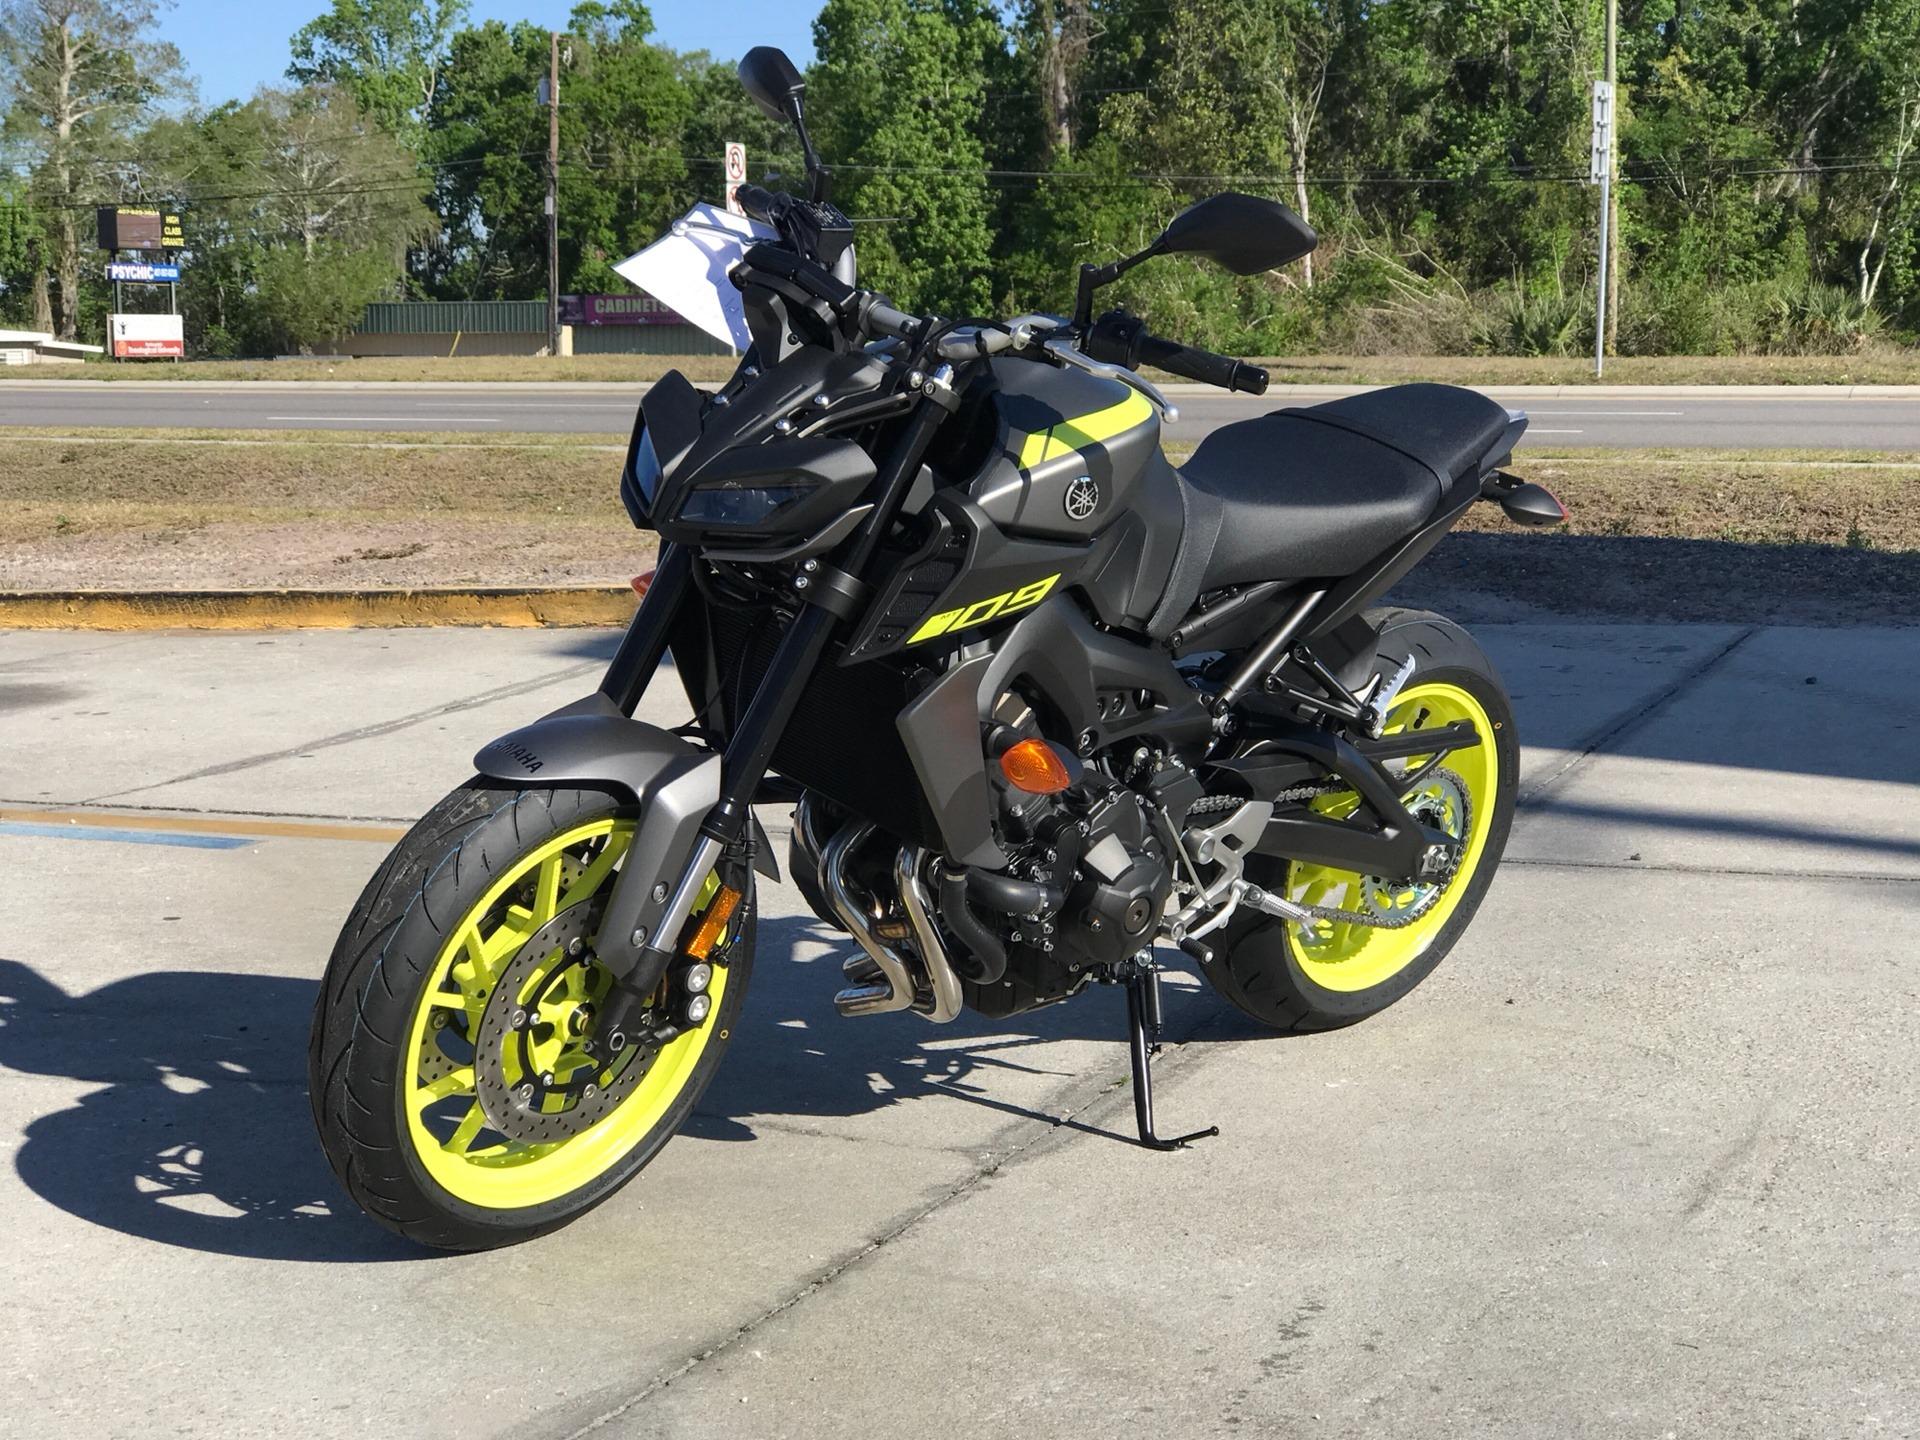 2018 Yamaha MT-09 in Orlando, Florida